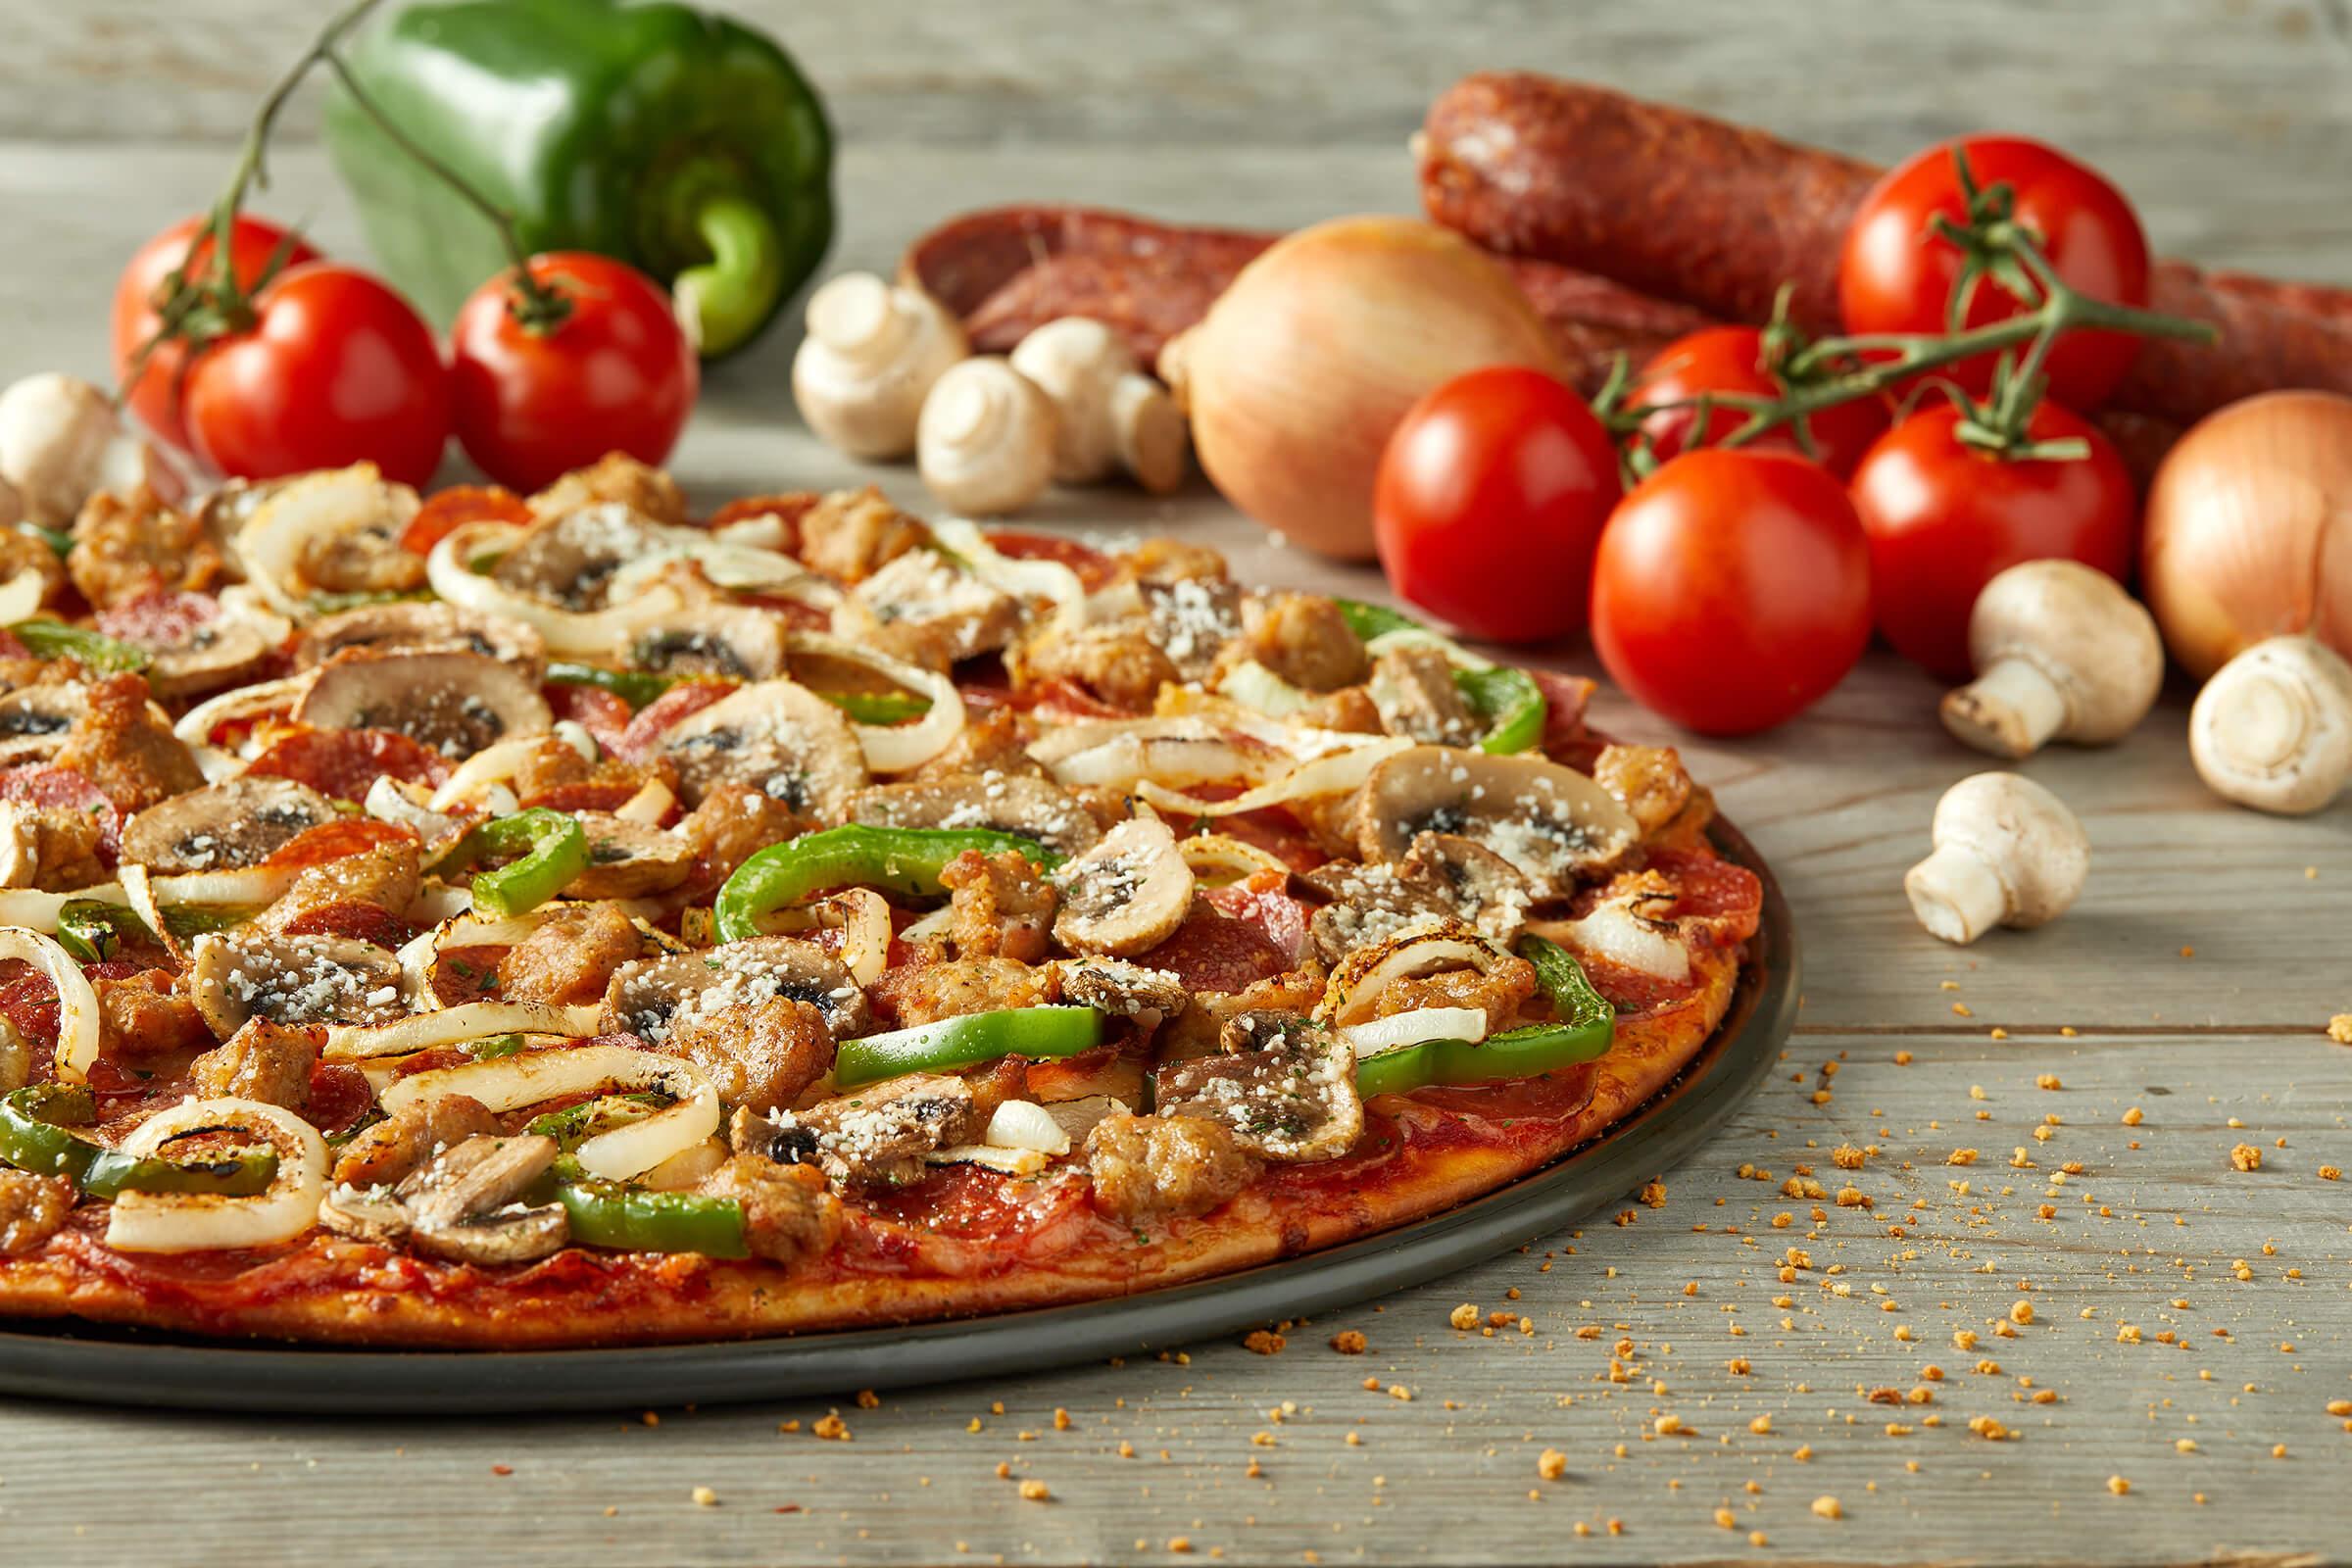 Donatos Pizza—closed image 2